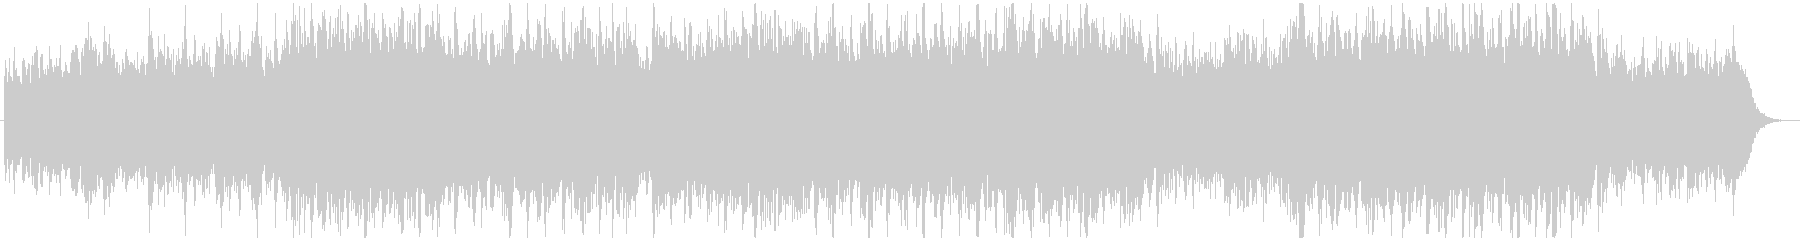 現代的 交響曲 プログレッシブ フ...の未再生の波形